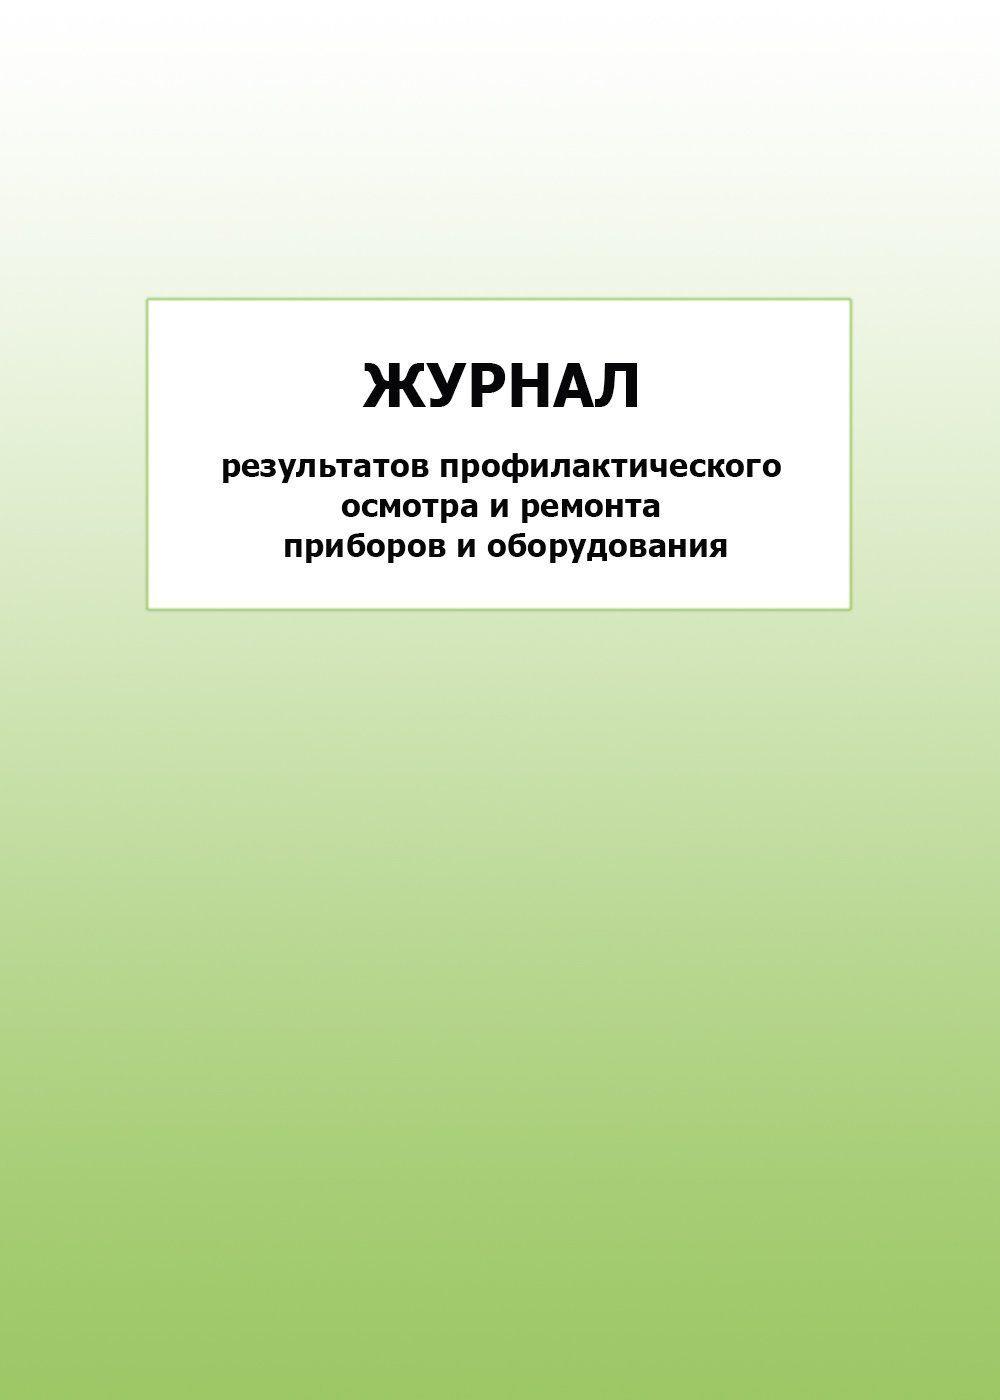 Журнал результатов профилактического осмотра и ремонта приборов и оборудования: упаковка 100 шт.